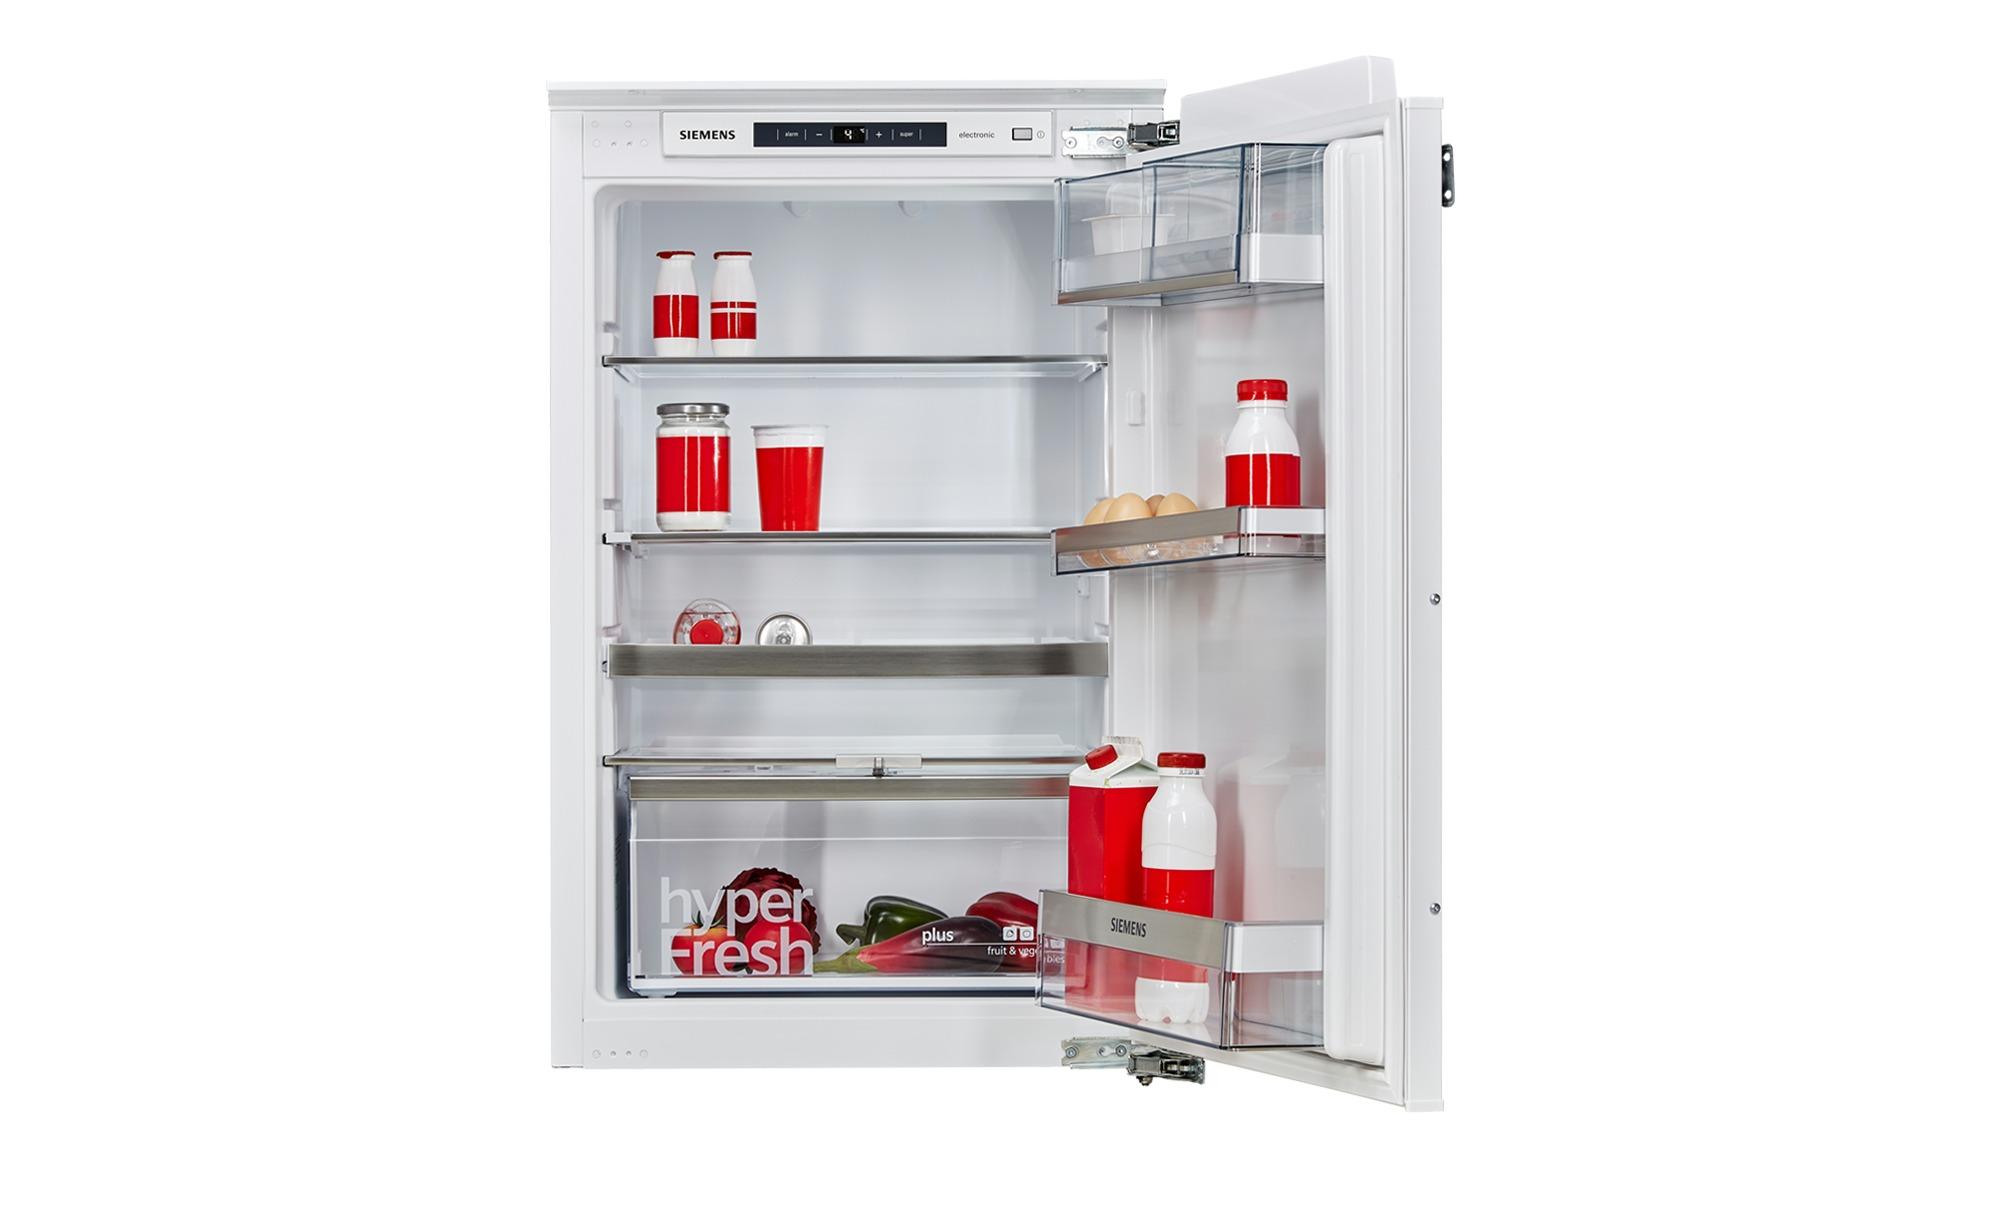 Kühlschrank Siemens : Siemens einbau kühlschrank ki rad bei möbel kraft online